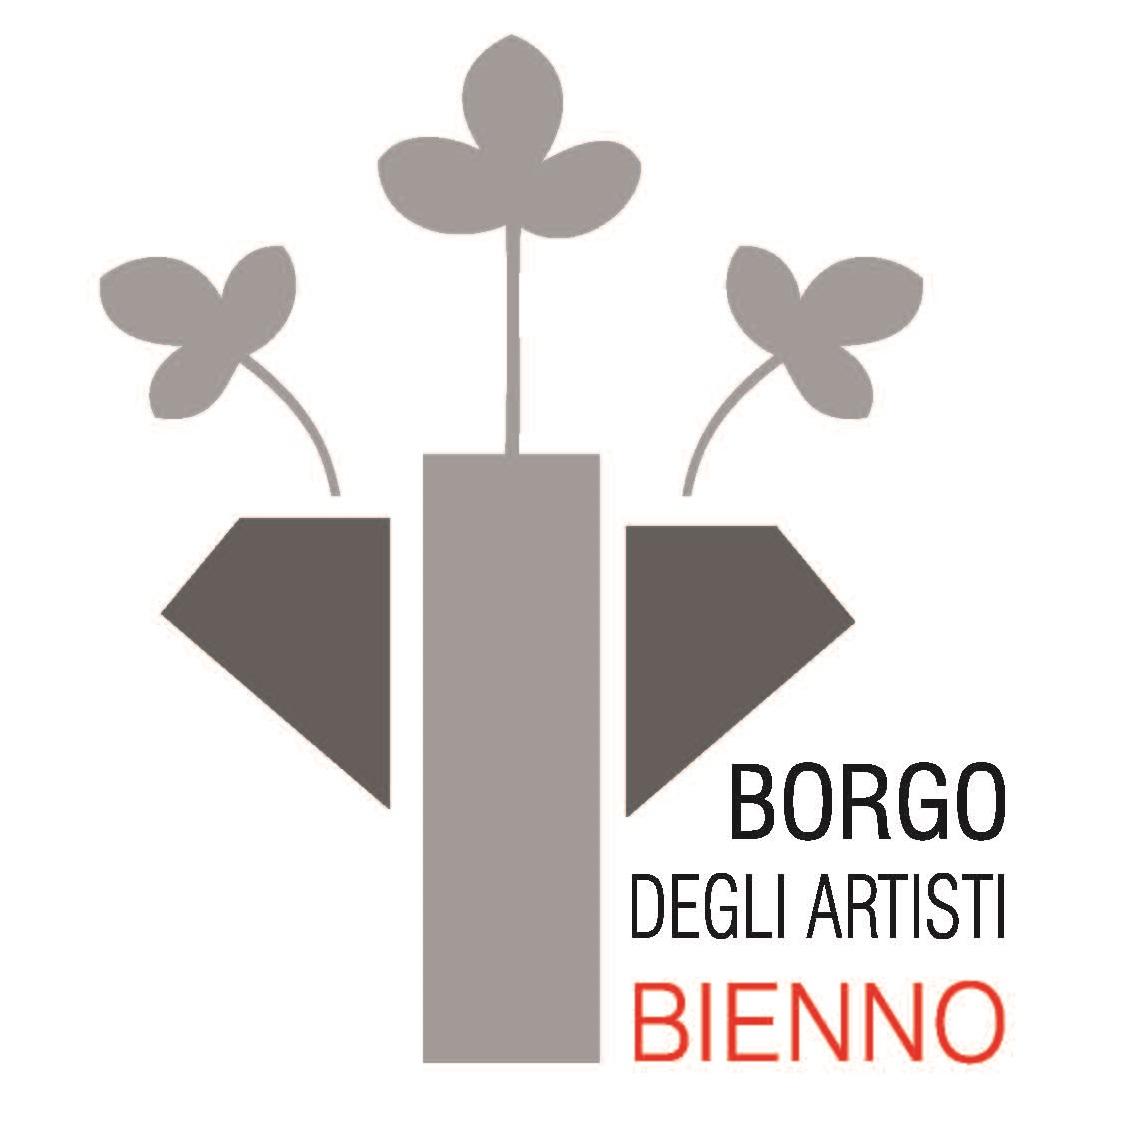 borgo degli artisti bienno